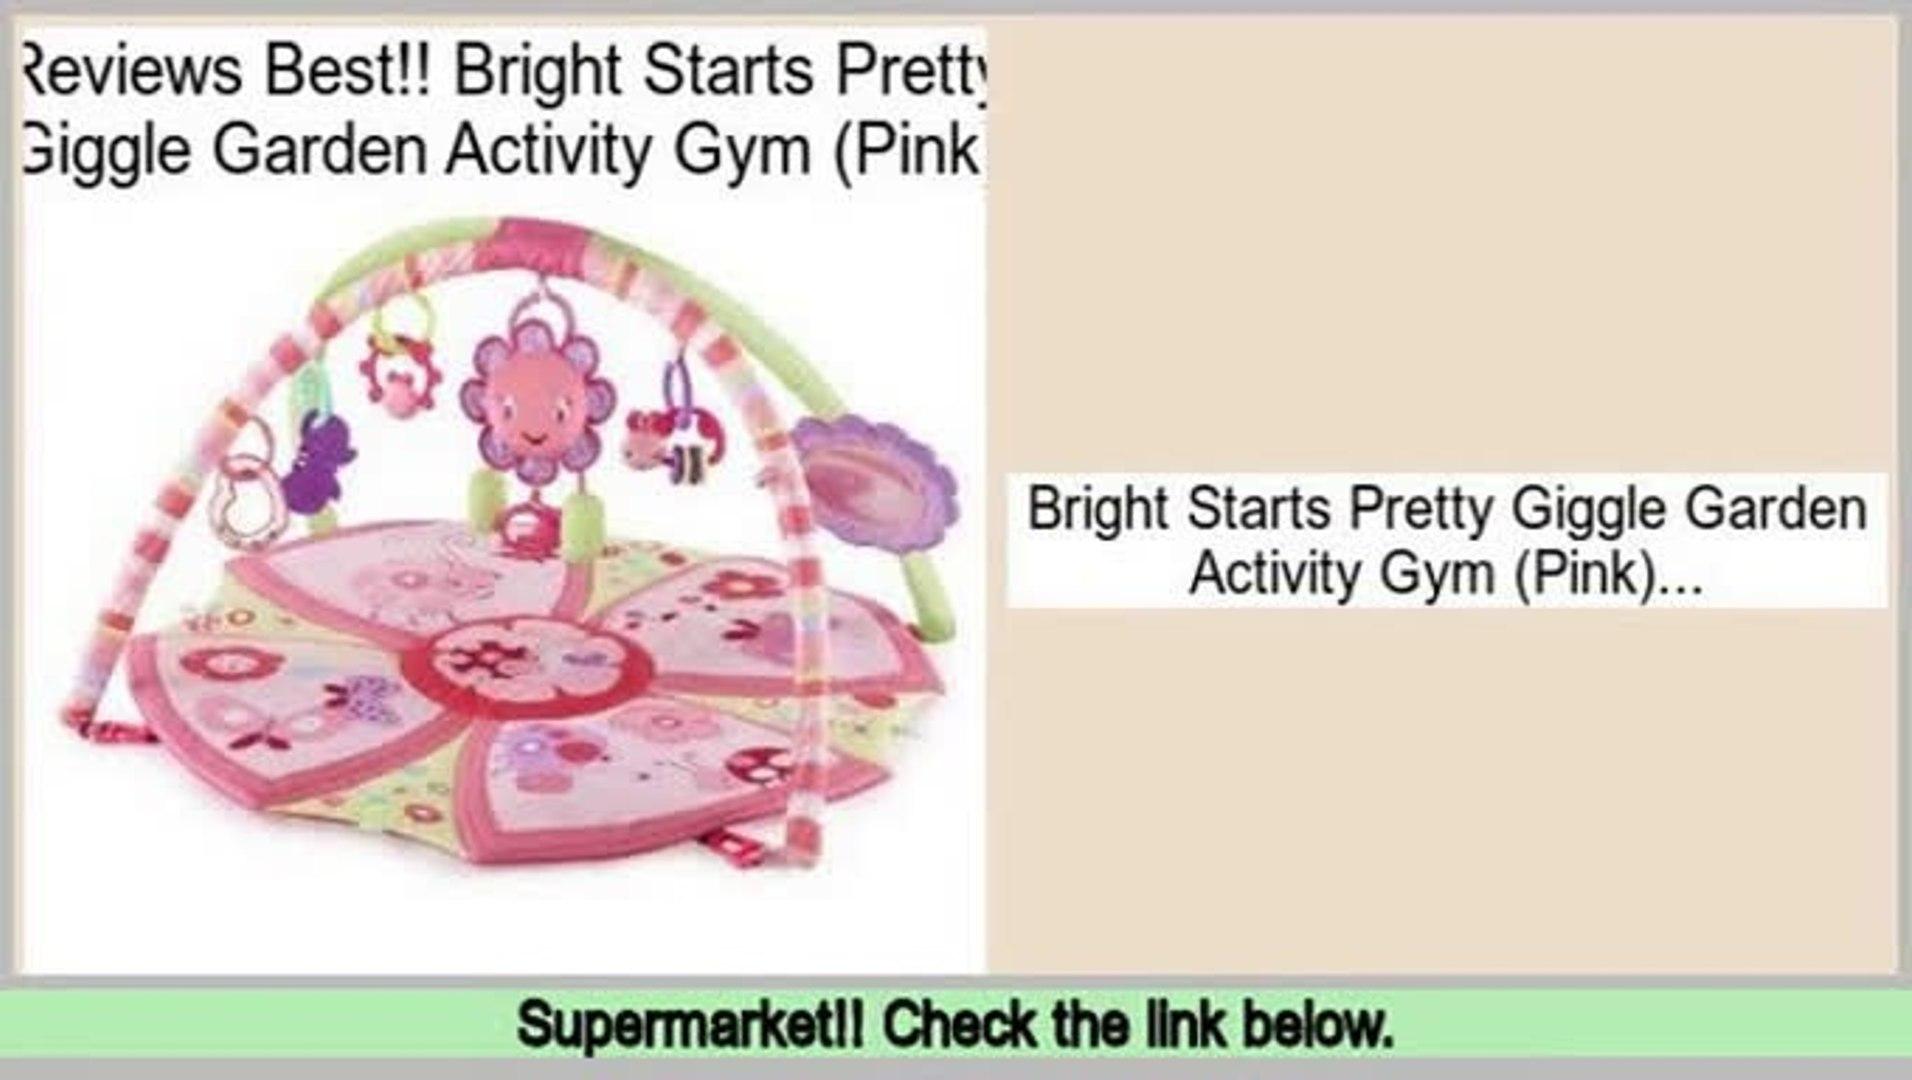 Pretty Giggle Garden Activity Gym